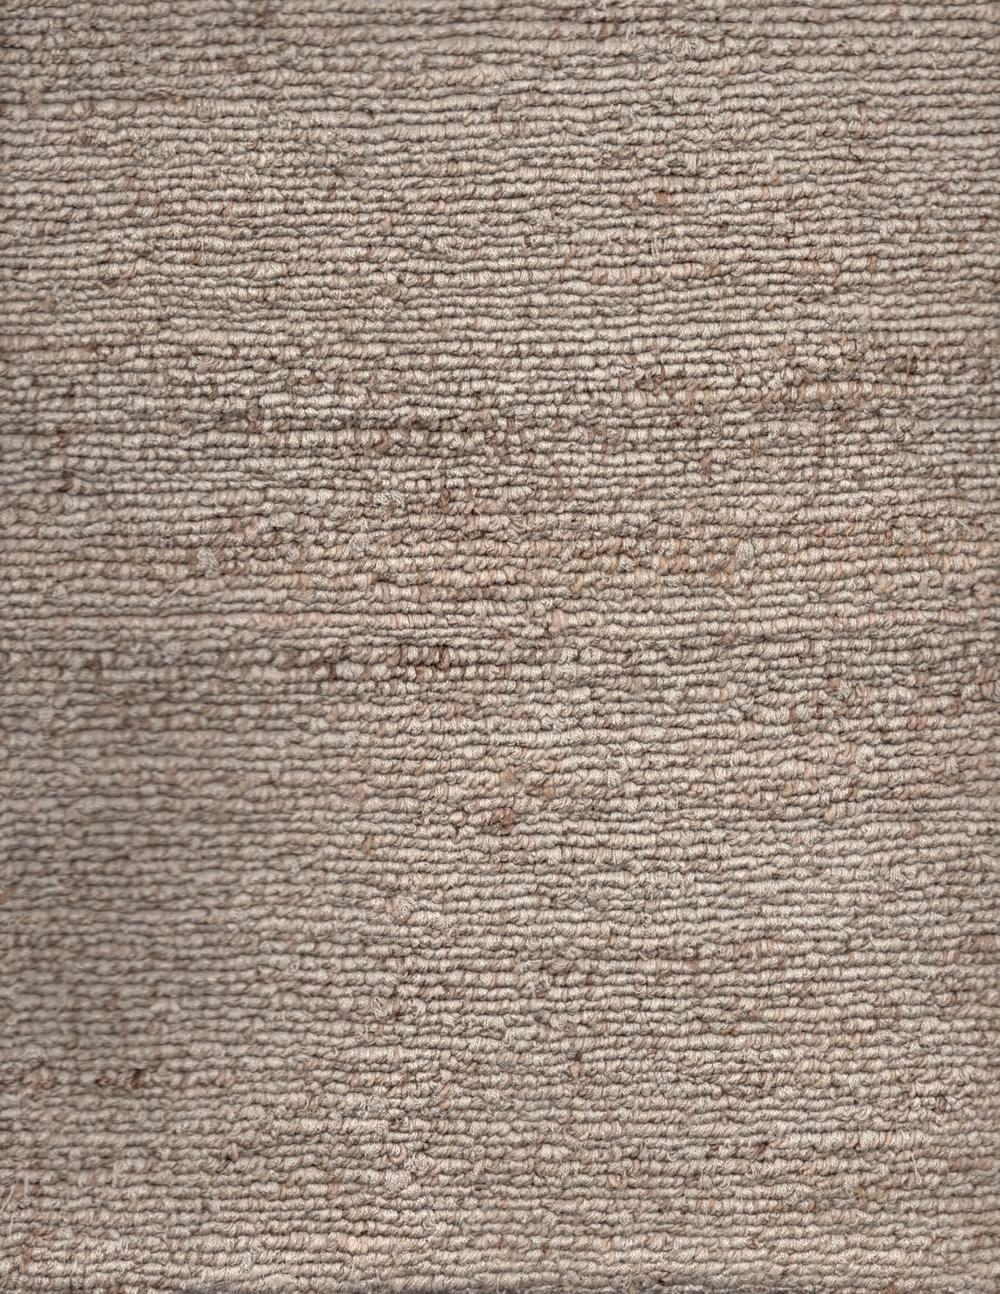 Loop - Linen + Silk - 101506